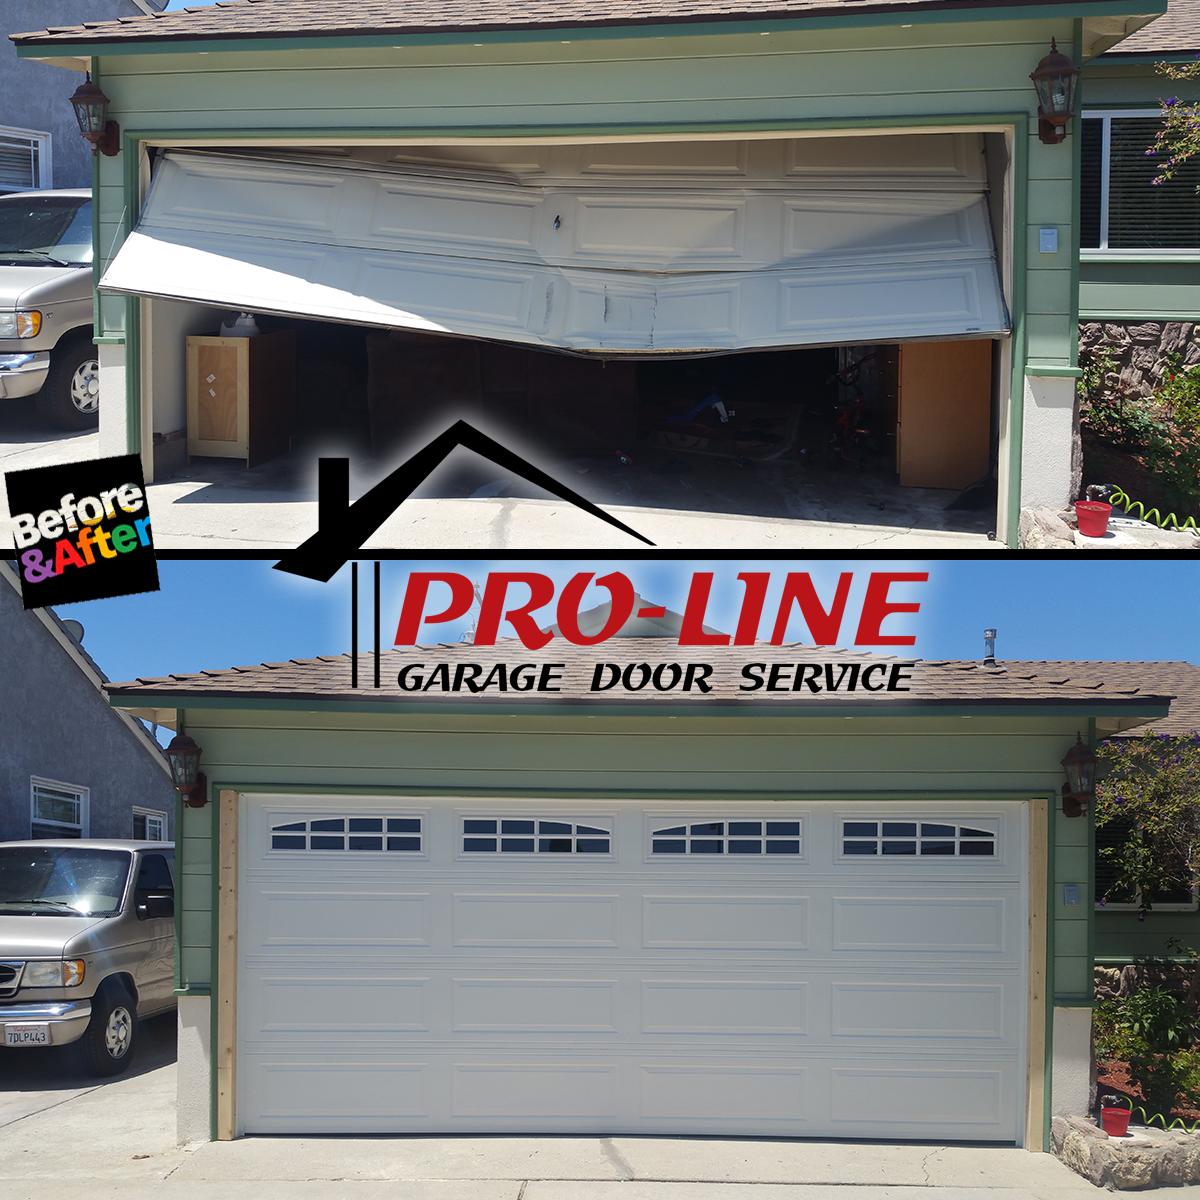 Pro-Line Garage Door Inc. image 5